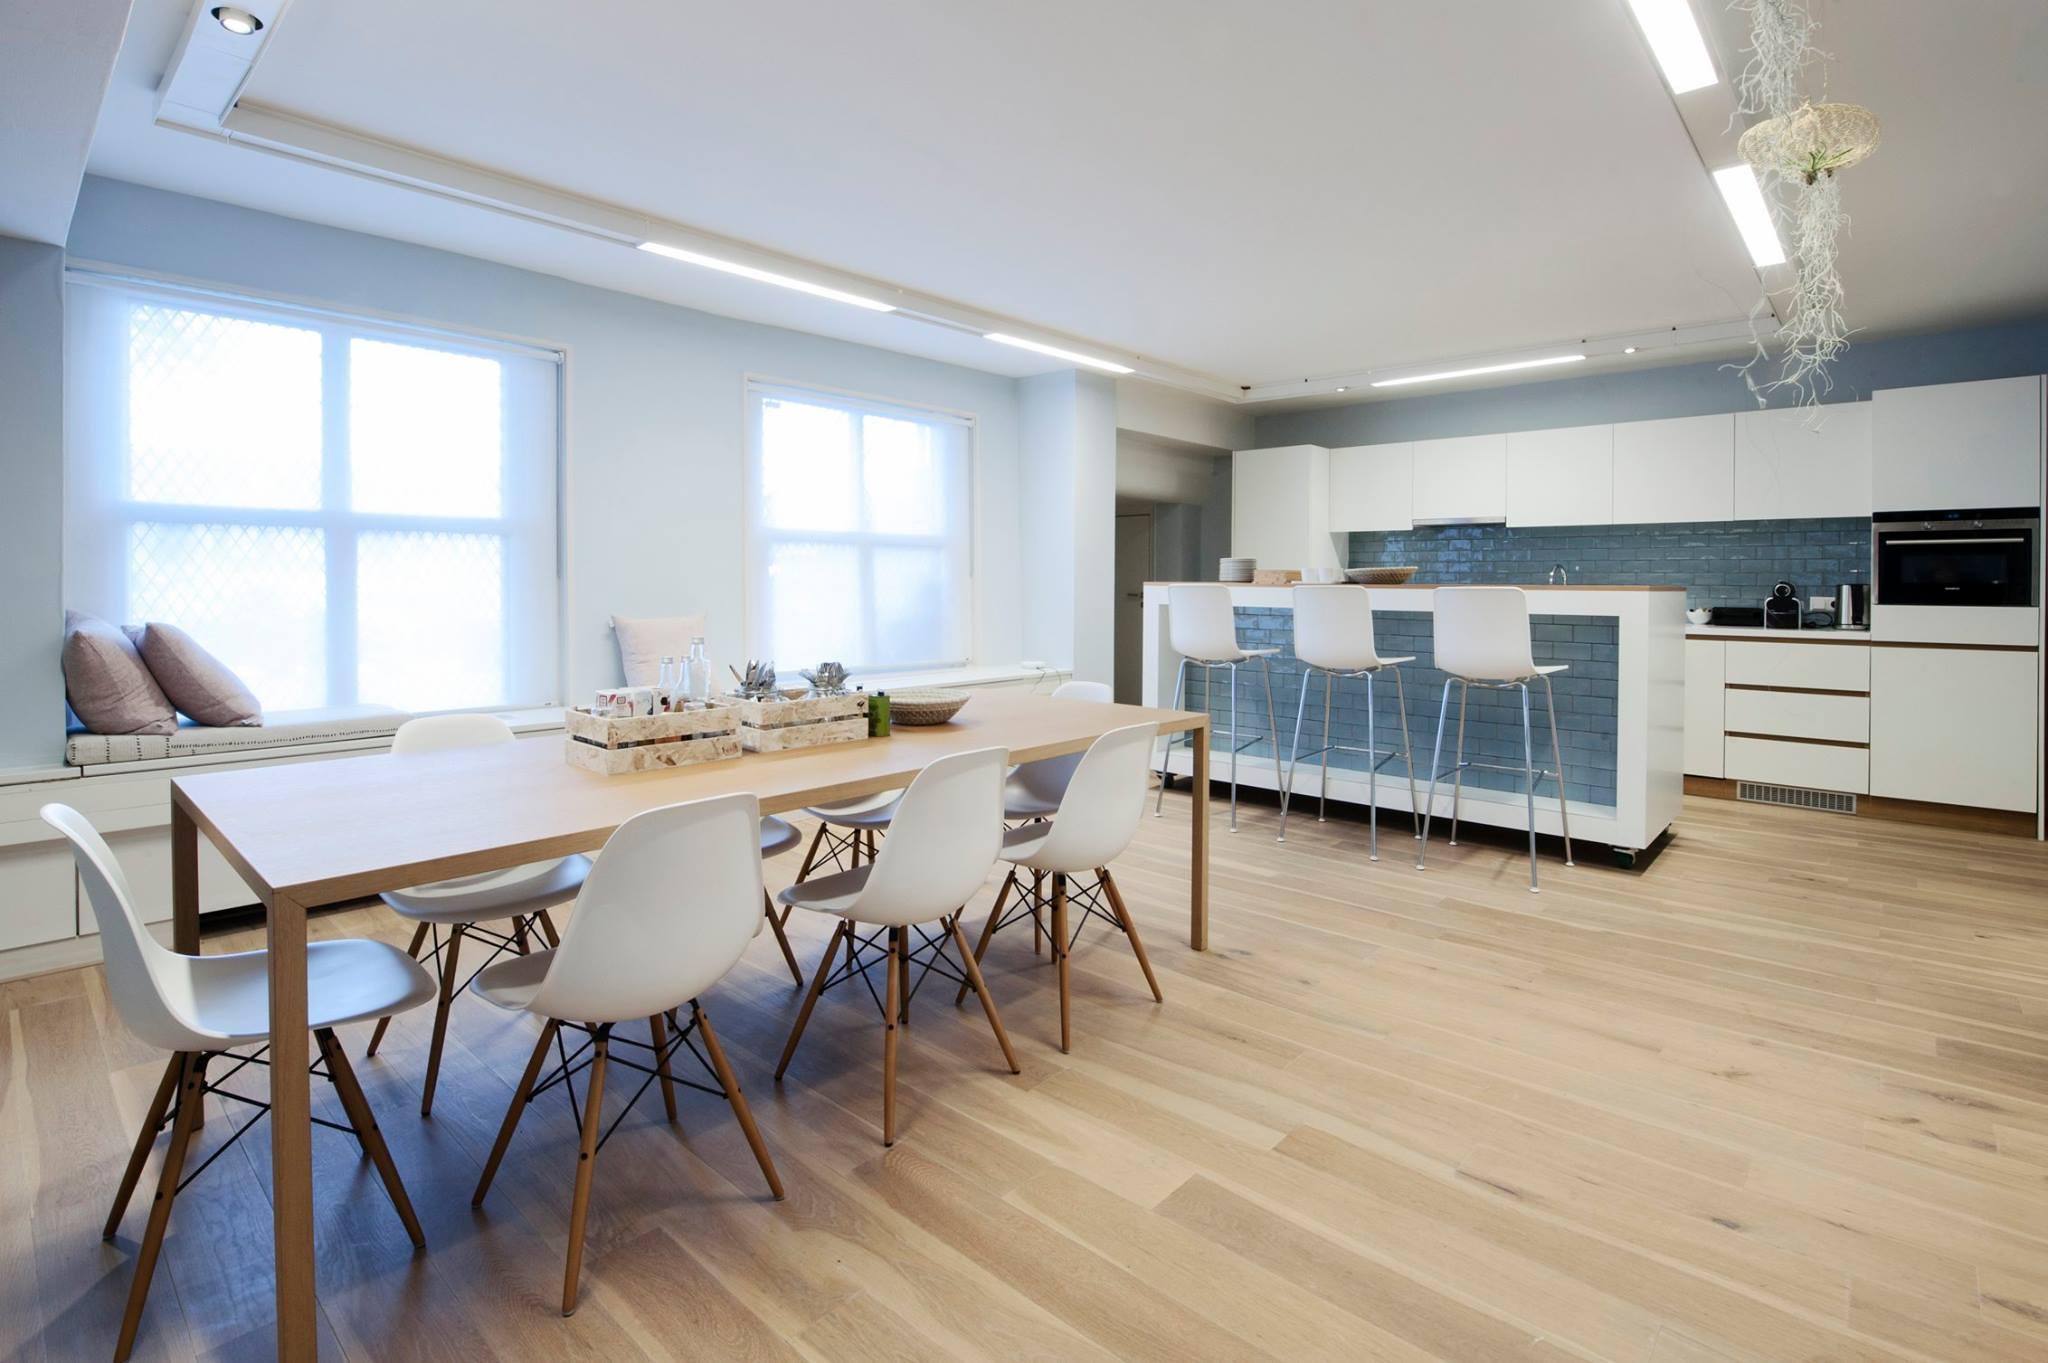 Keuken Schouw Tegels : Designtegels spaanse tegel azulejos aqua product in beeld